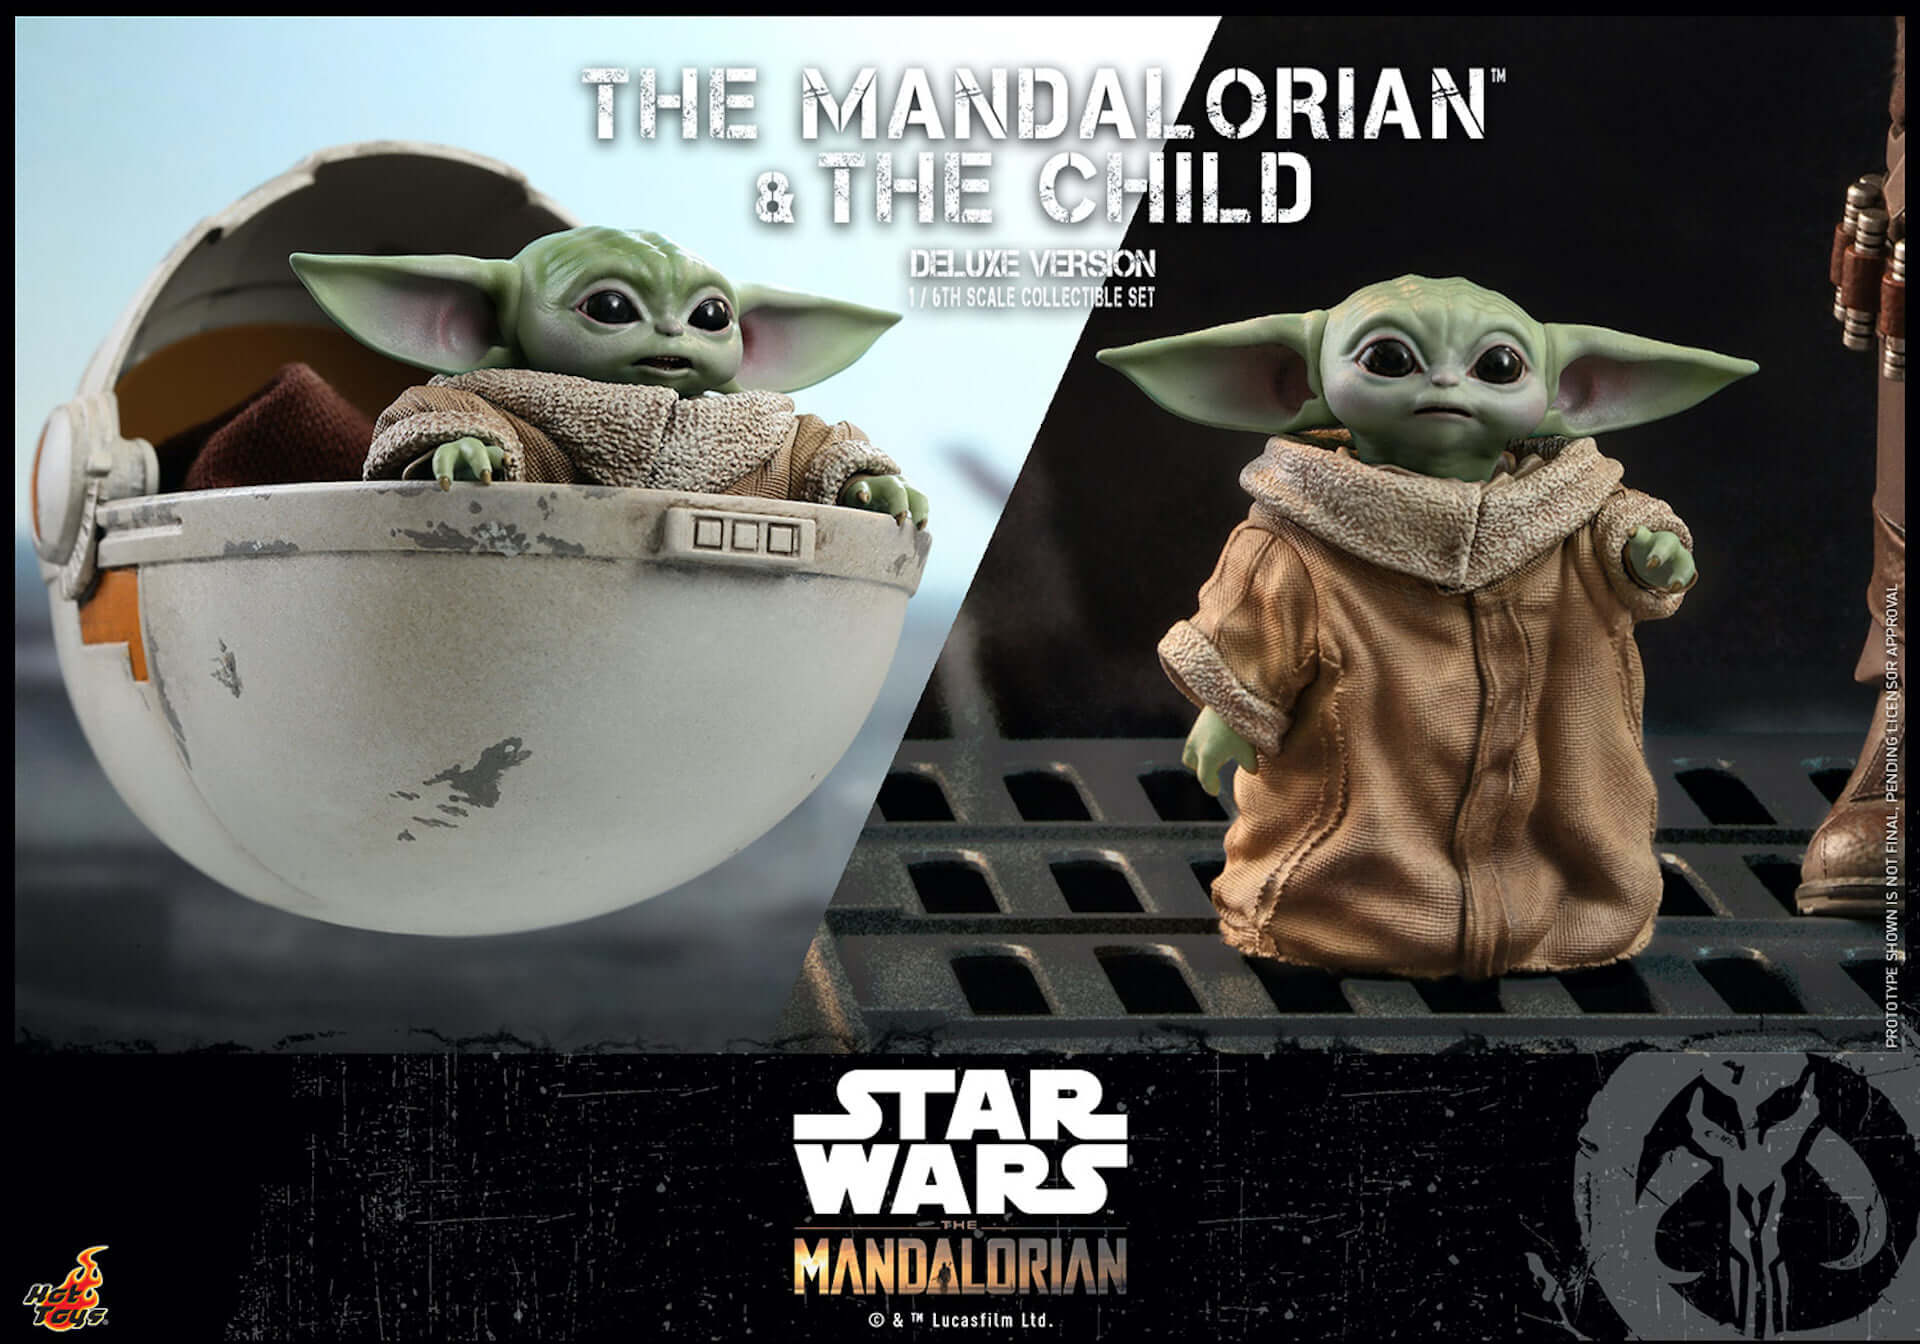 ついにマンダロリアンとザ・チャイルドがセットで登場!ホットトイズ「テレビ・マスターピース」シリーズに『マンダロリアン』新作が発表 art200331_hottoys_mandalorian_6-1920x1344